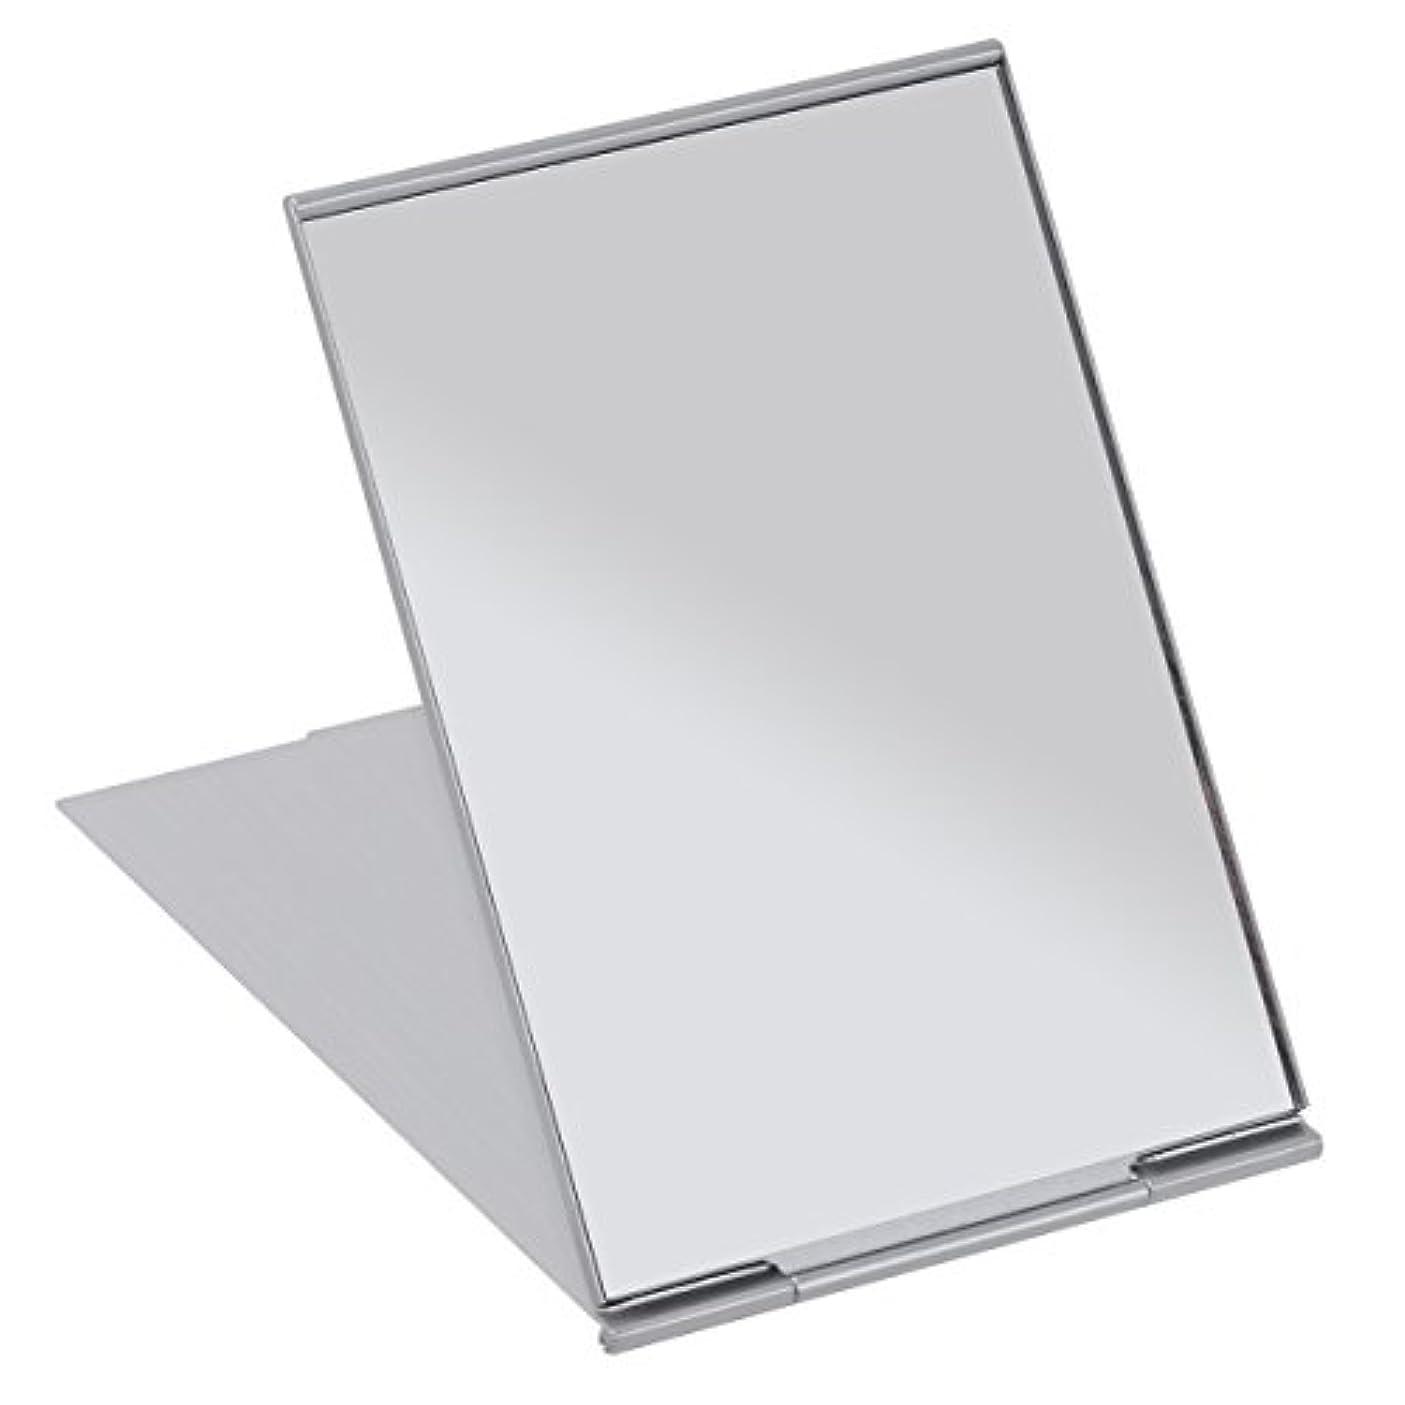 固体蜂ヒロインFRCOLOR 化粧鏡 携帯ミラー 折りたたみミラー 化粧ミラー コンパクトミラー 11.5*8cm 持ち運びに便利 (シルバー)